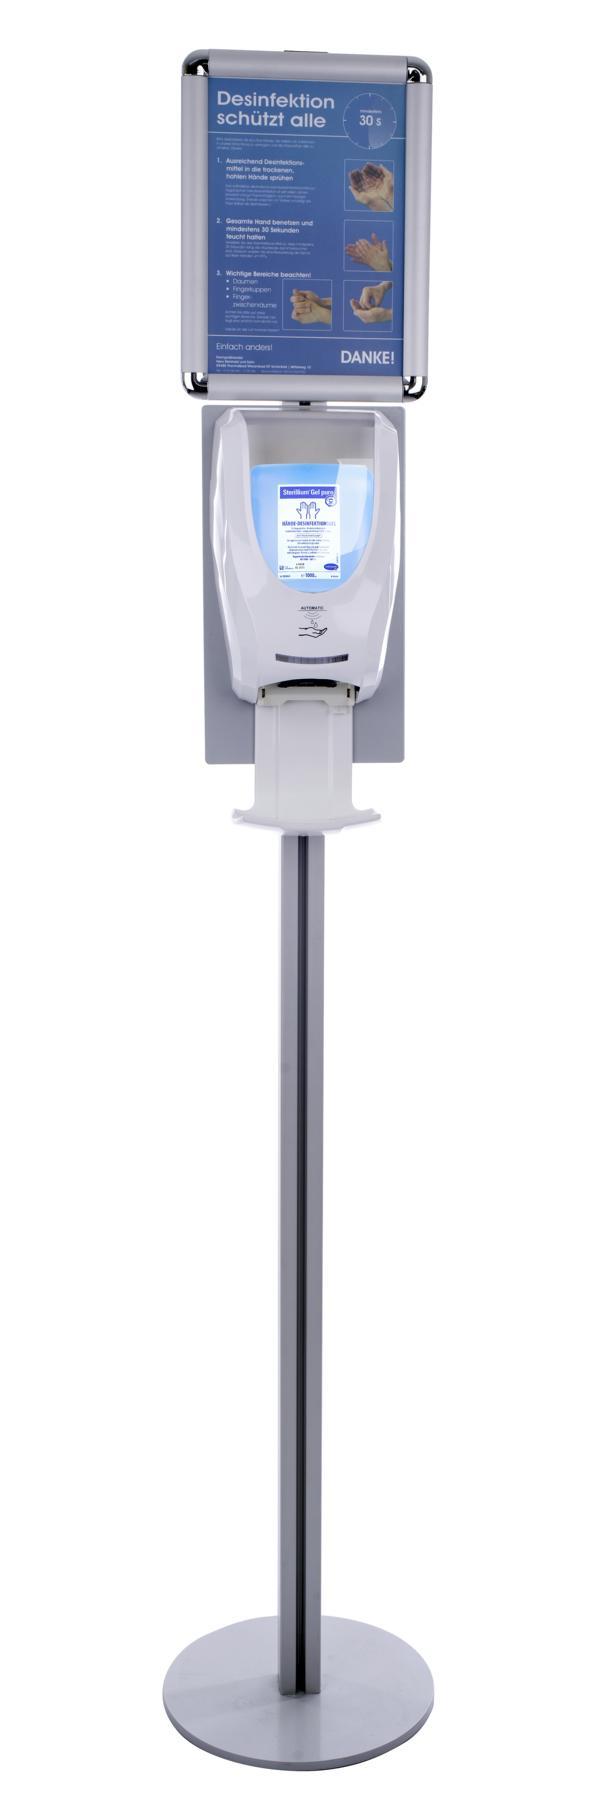 Mobile Desinfektionsstation, berührungsloser Desinfektionsspender, Sensor gesteuert mit Funktionsanzeige | bestehend aus (Stückliste):  | - 1 x Automatischer & Berührungsloser (Artikel 70485) | - 1 x Auffangschale/Tropfschale (Artikel 70487) | - 1 x Infor